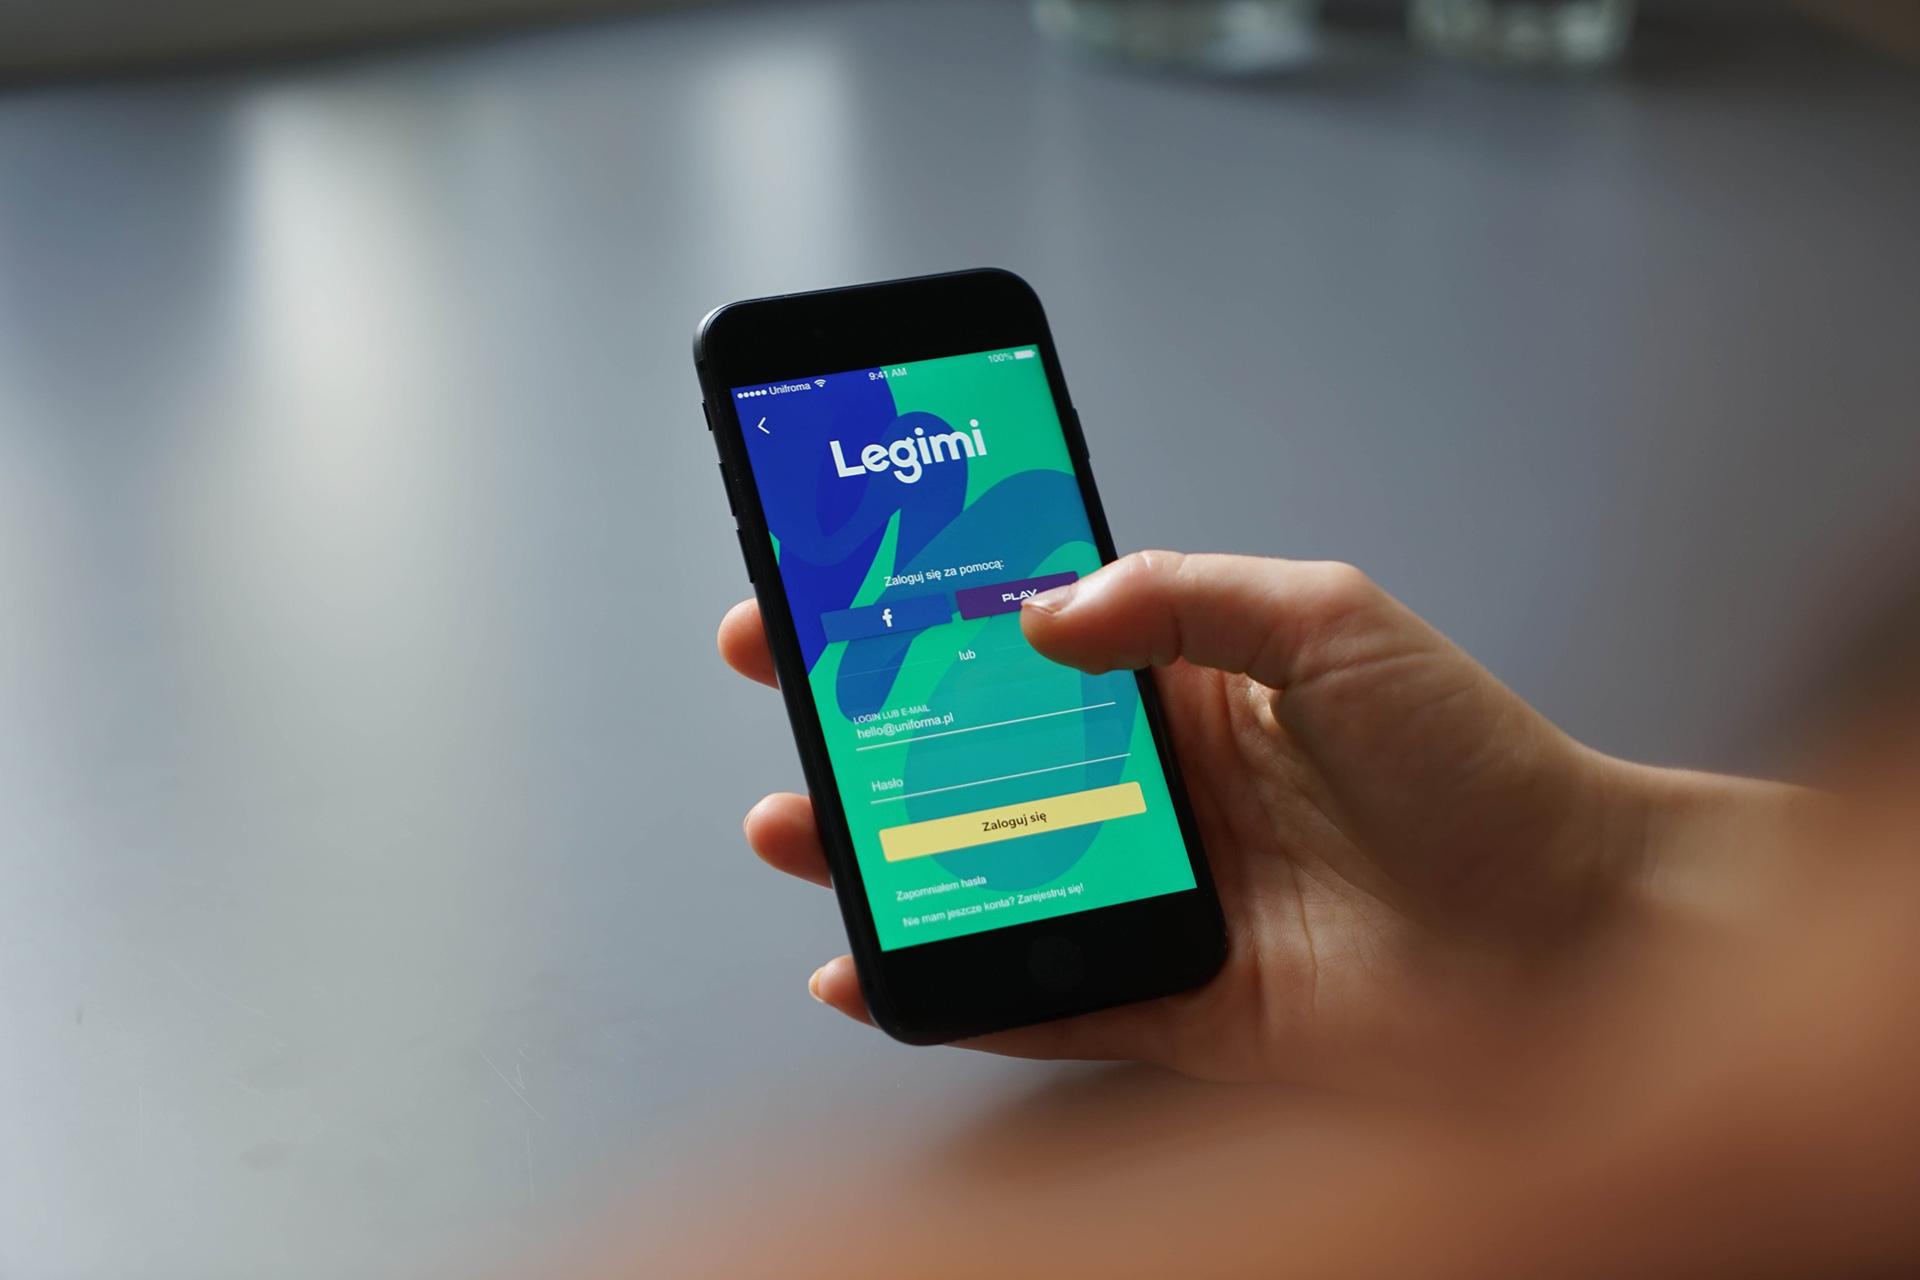 Mobile app design - Legimi by Uniforma